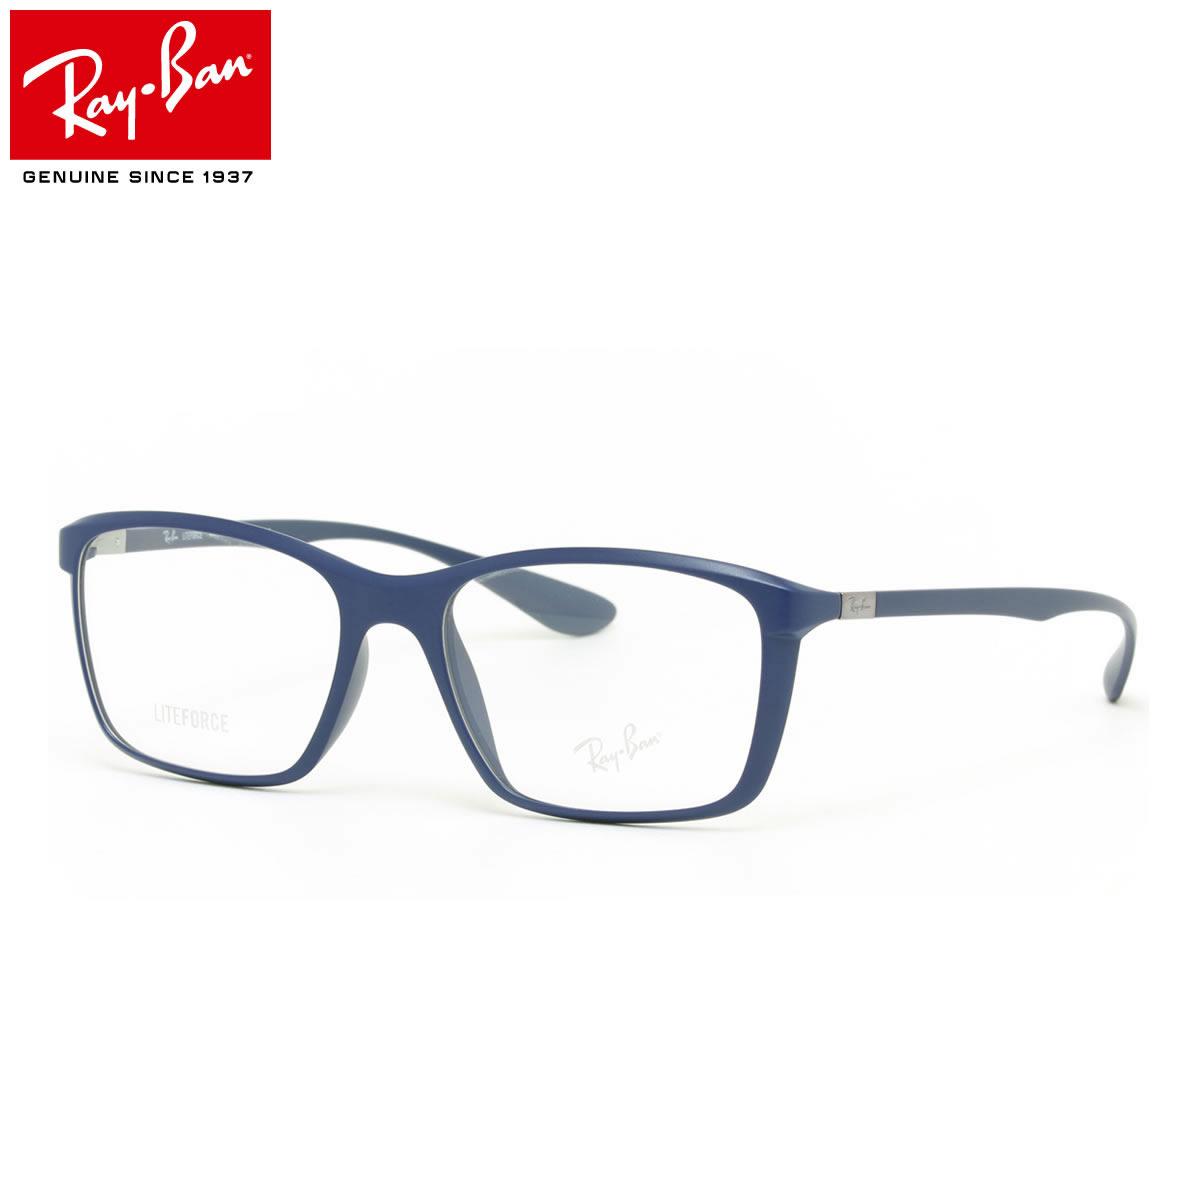 ポイント最大42倍!!お得なクーポンも !! レイバン メガネ フレーム Ray-Ban RX7036 5439 55サイズ レイバン RAYBAN メンズ レディース